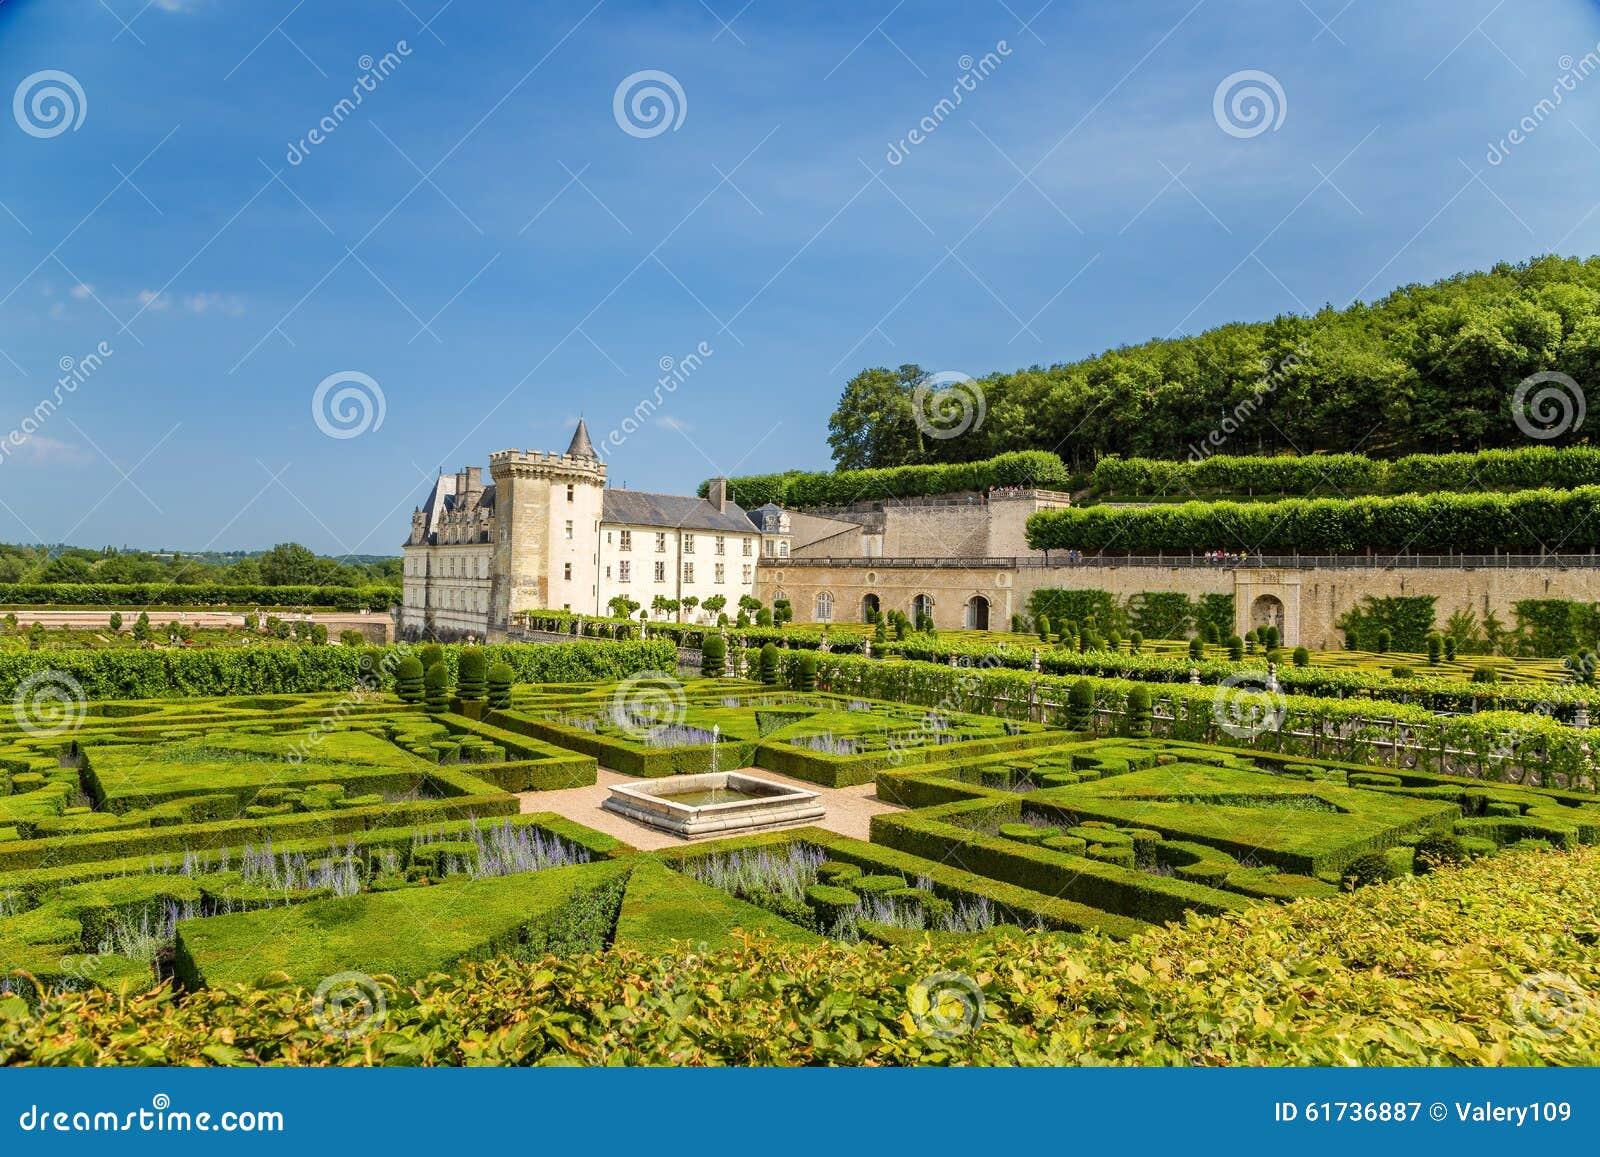 De mooie tuinen van het kasteel van villandry frankrijk for Mooie tuinen afbeeldingen